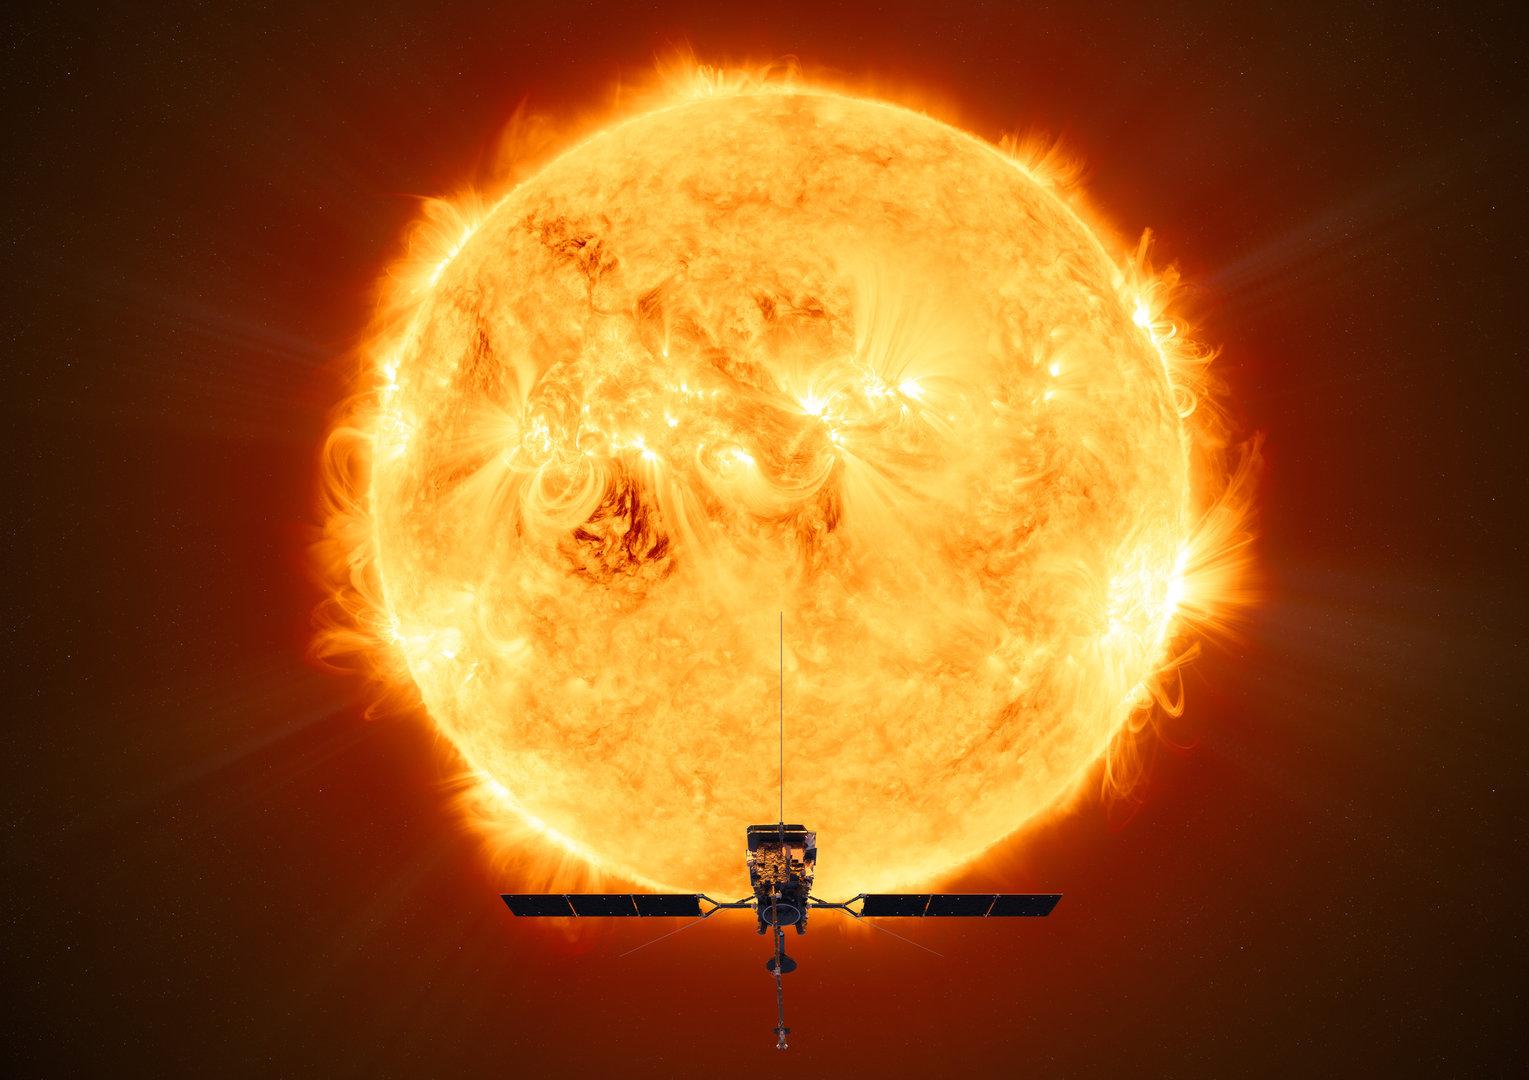 Obrázek: Jak vypadají póly Slunce? Vědcům to prozradí sonda Solar Orbiter, dnes odstartovala